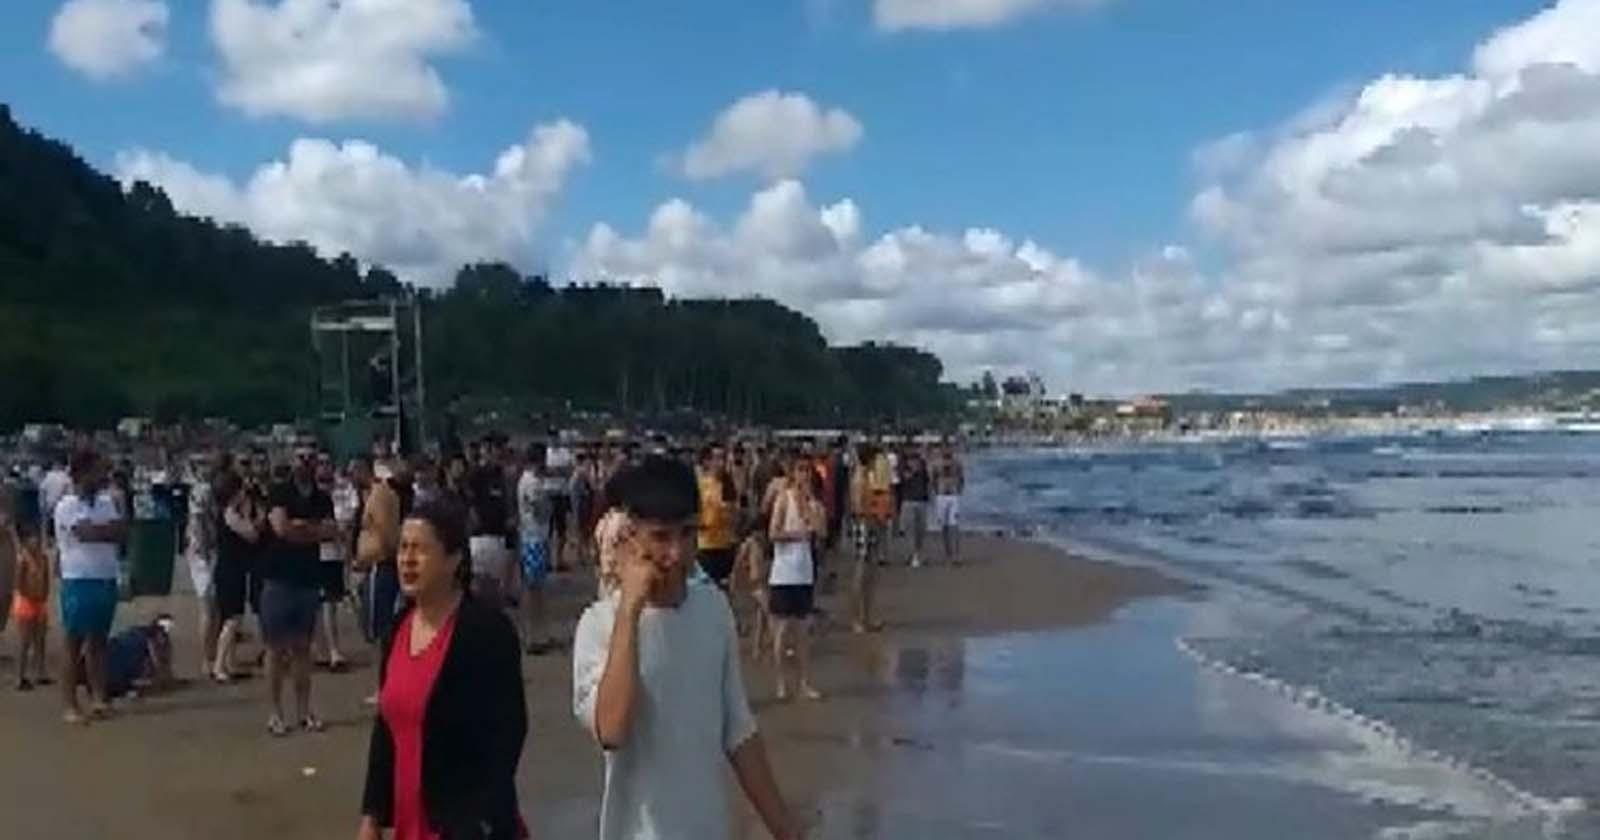 Kurban Bayramının bilançosu açıklandı! Kimi denizde boğuldu, kimi trafik kazasında öldü...